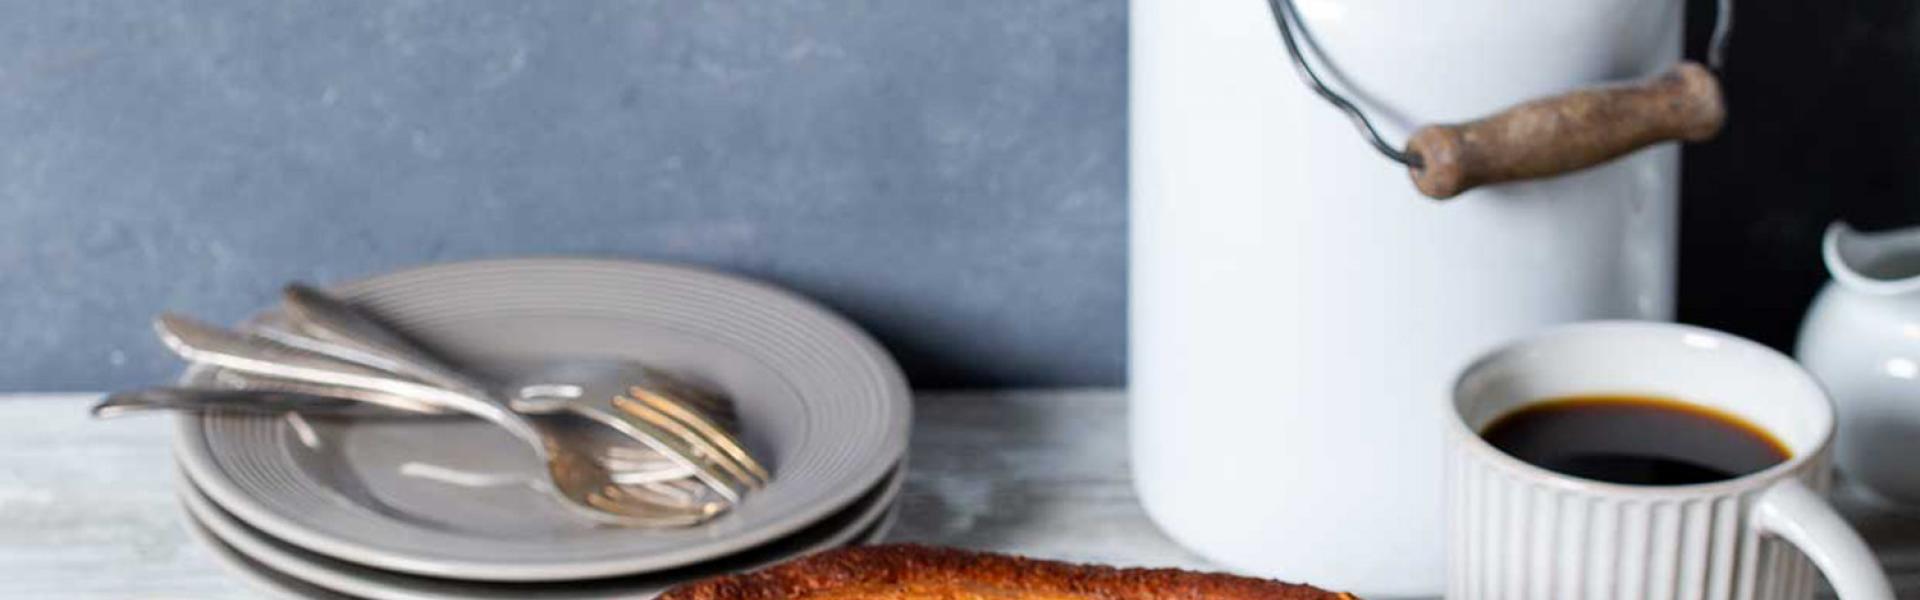 Zimtrolle angeschnitten auf einem gedeckten Kaffeetisch.